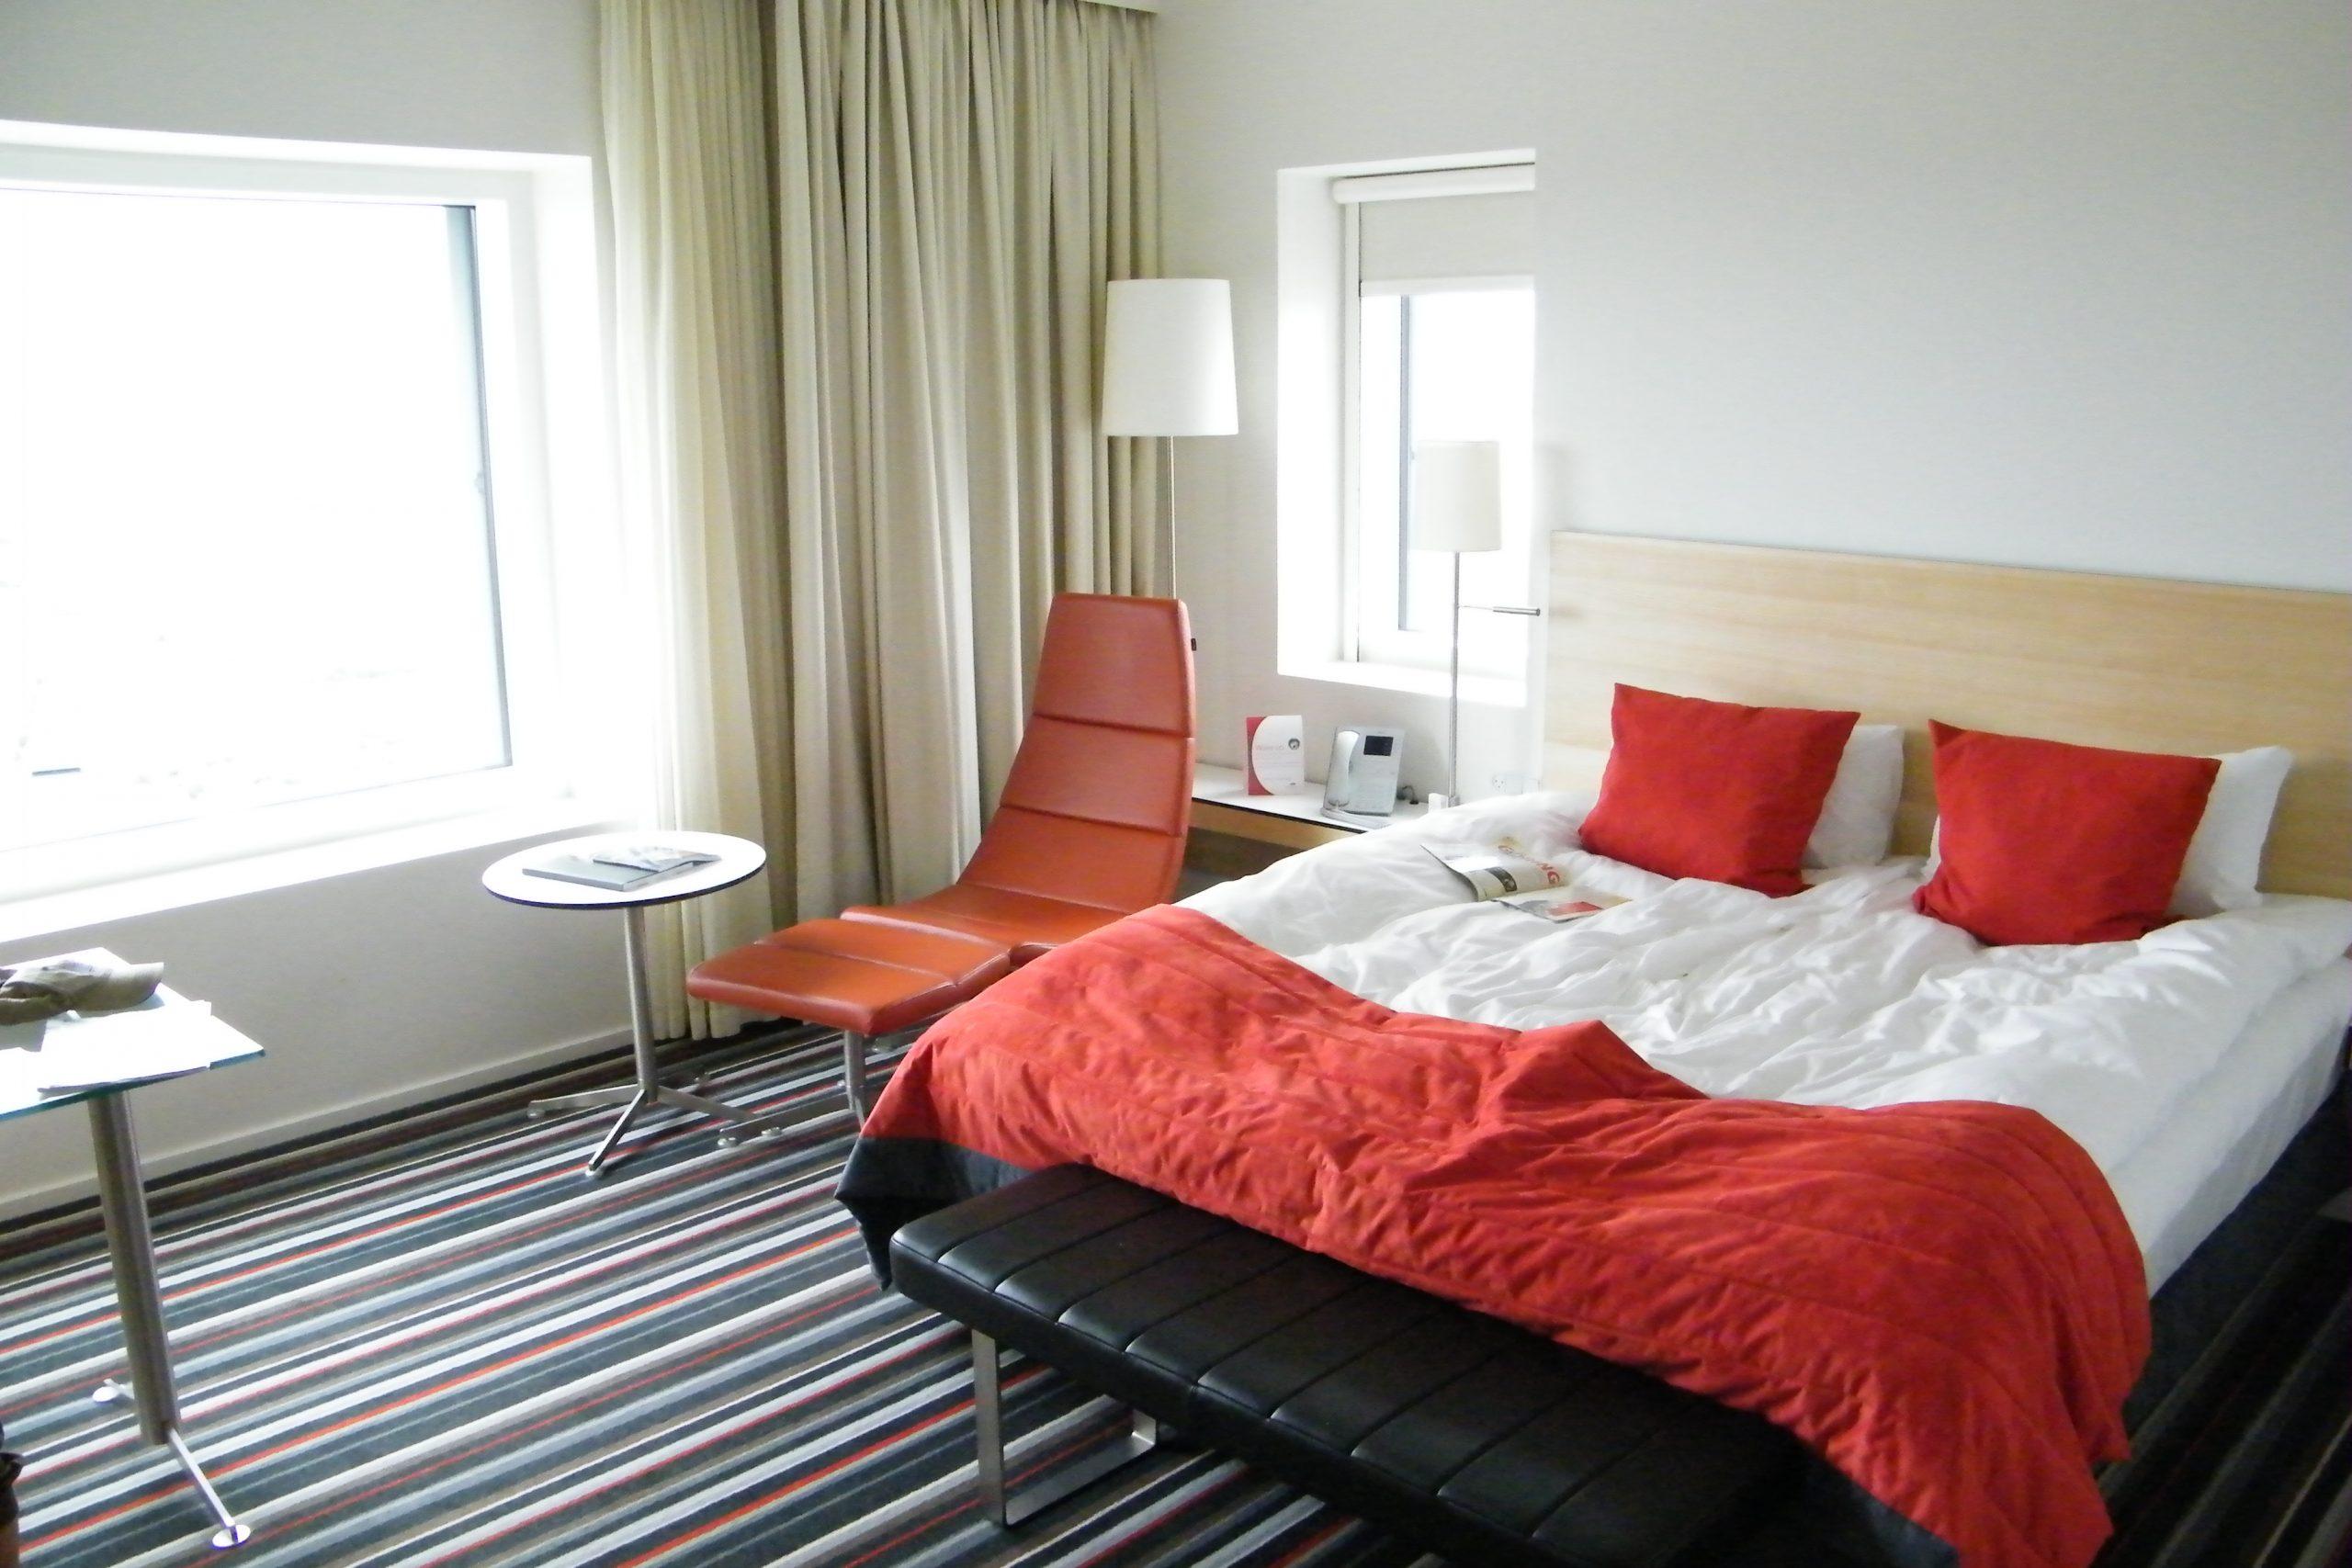 De danske hoteller havde i juli 48 procent mindre omsætning end samme måned sidste år, især som følge af fraværet af udenlandske gæster samt seksdagesreglen, viser nye tal fra HORESTA. Arkivfoto: Henrik Baumgarten.